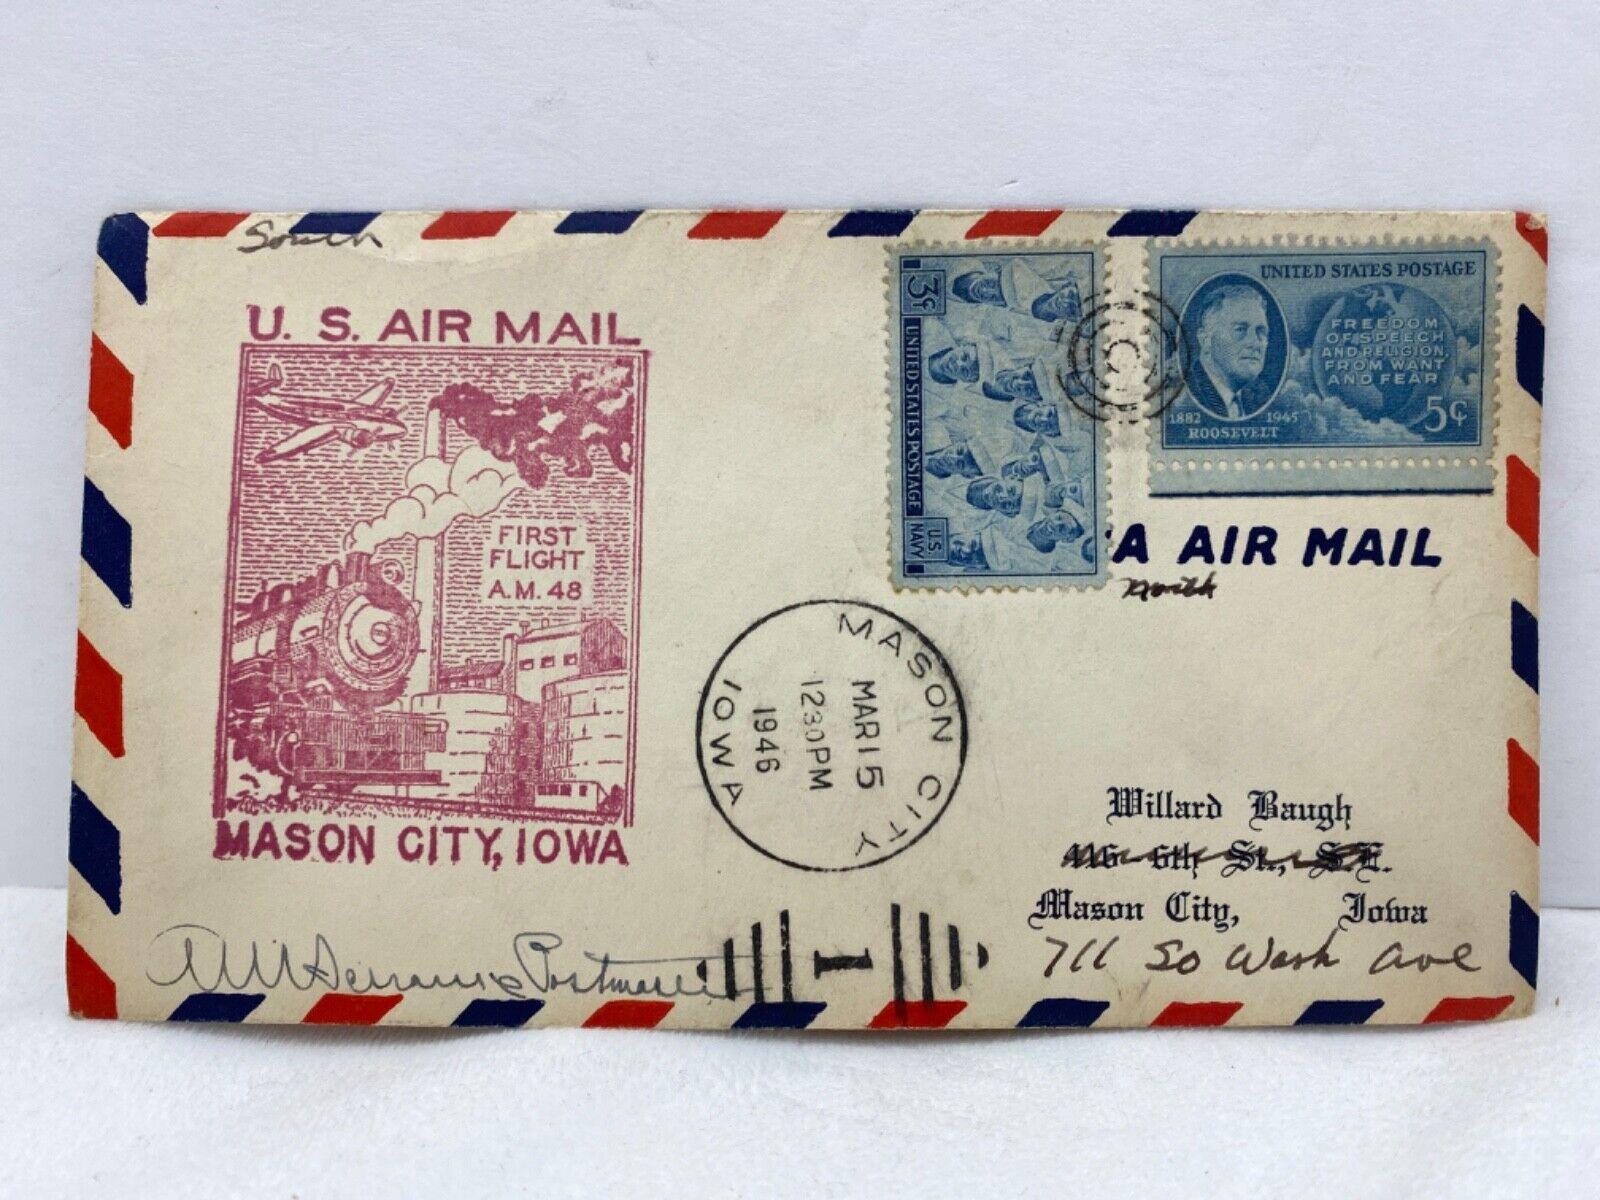 1946 FIRST FLIGHT US AIR MAIL ROUTE AM 48 - MASON CITY, IOWA - 95 - $1.25